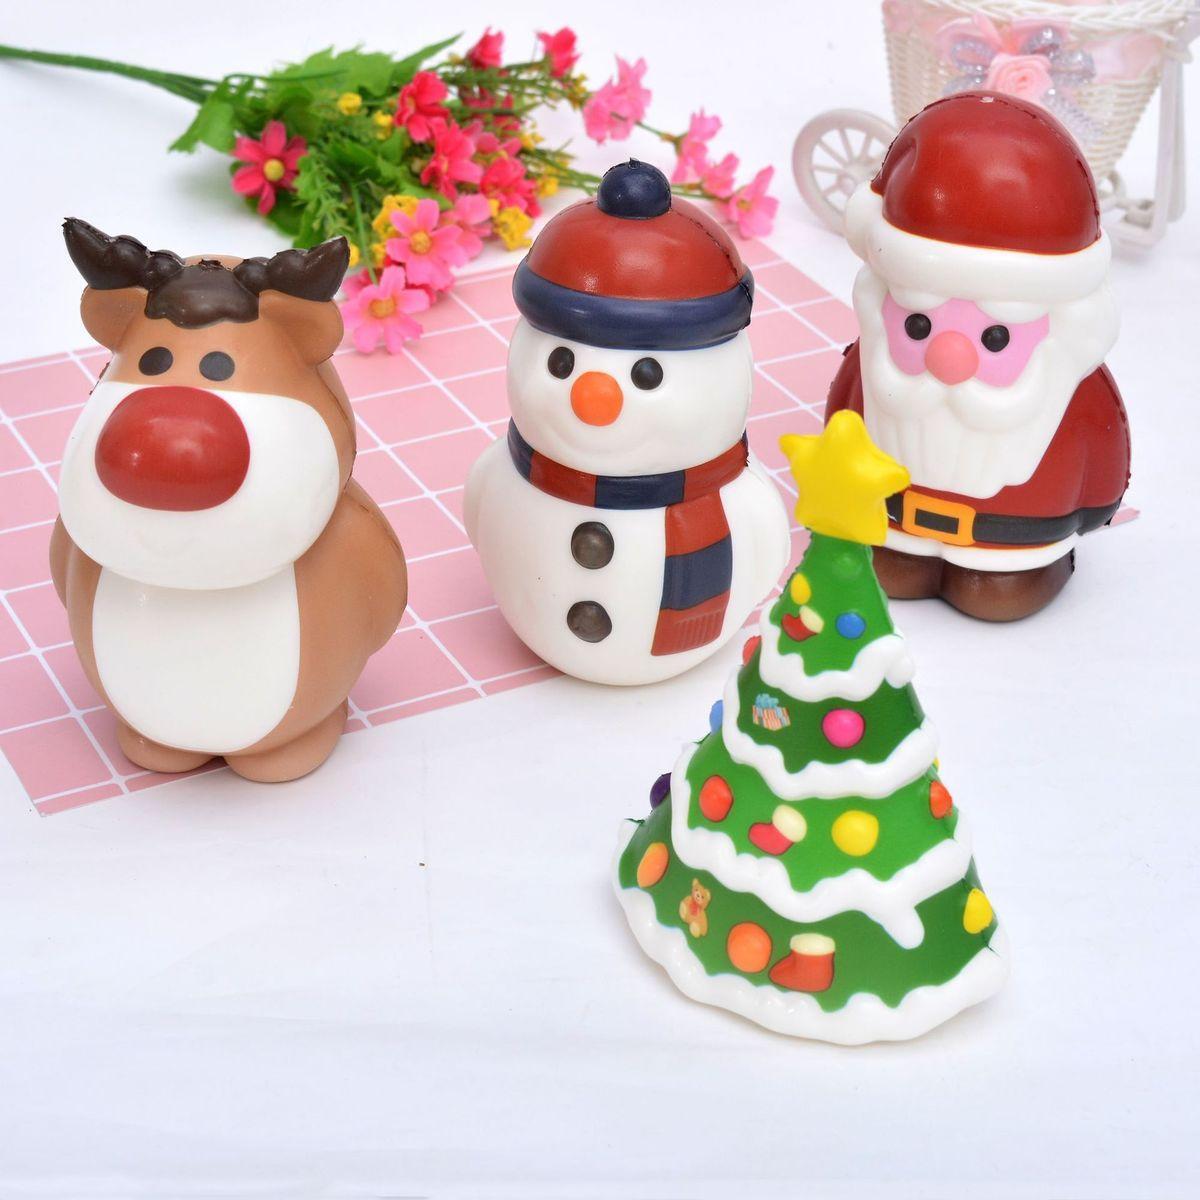 Großhandel Weihnachtssquishy Weihnachtssquishies Weihnachtsmann ...